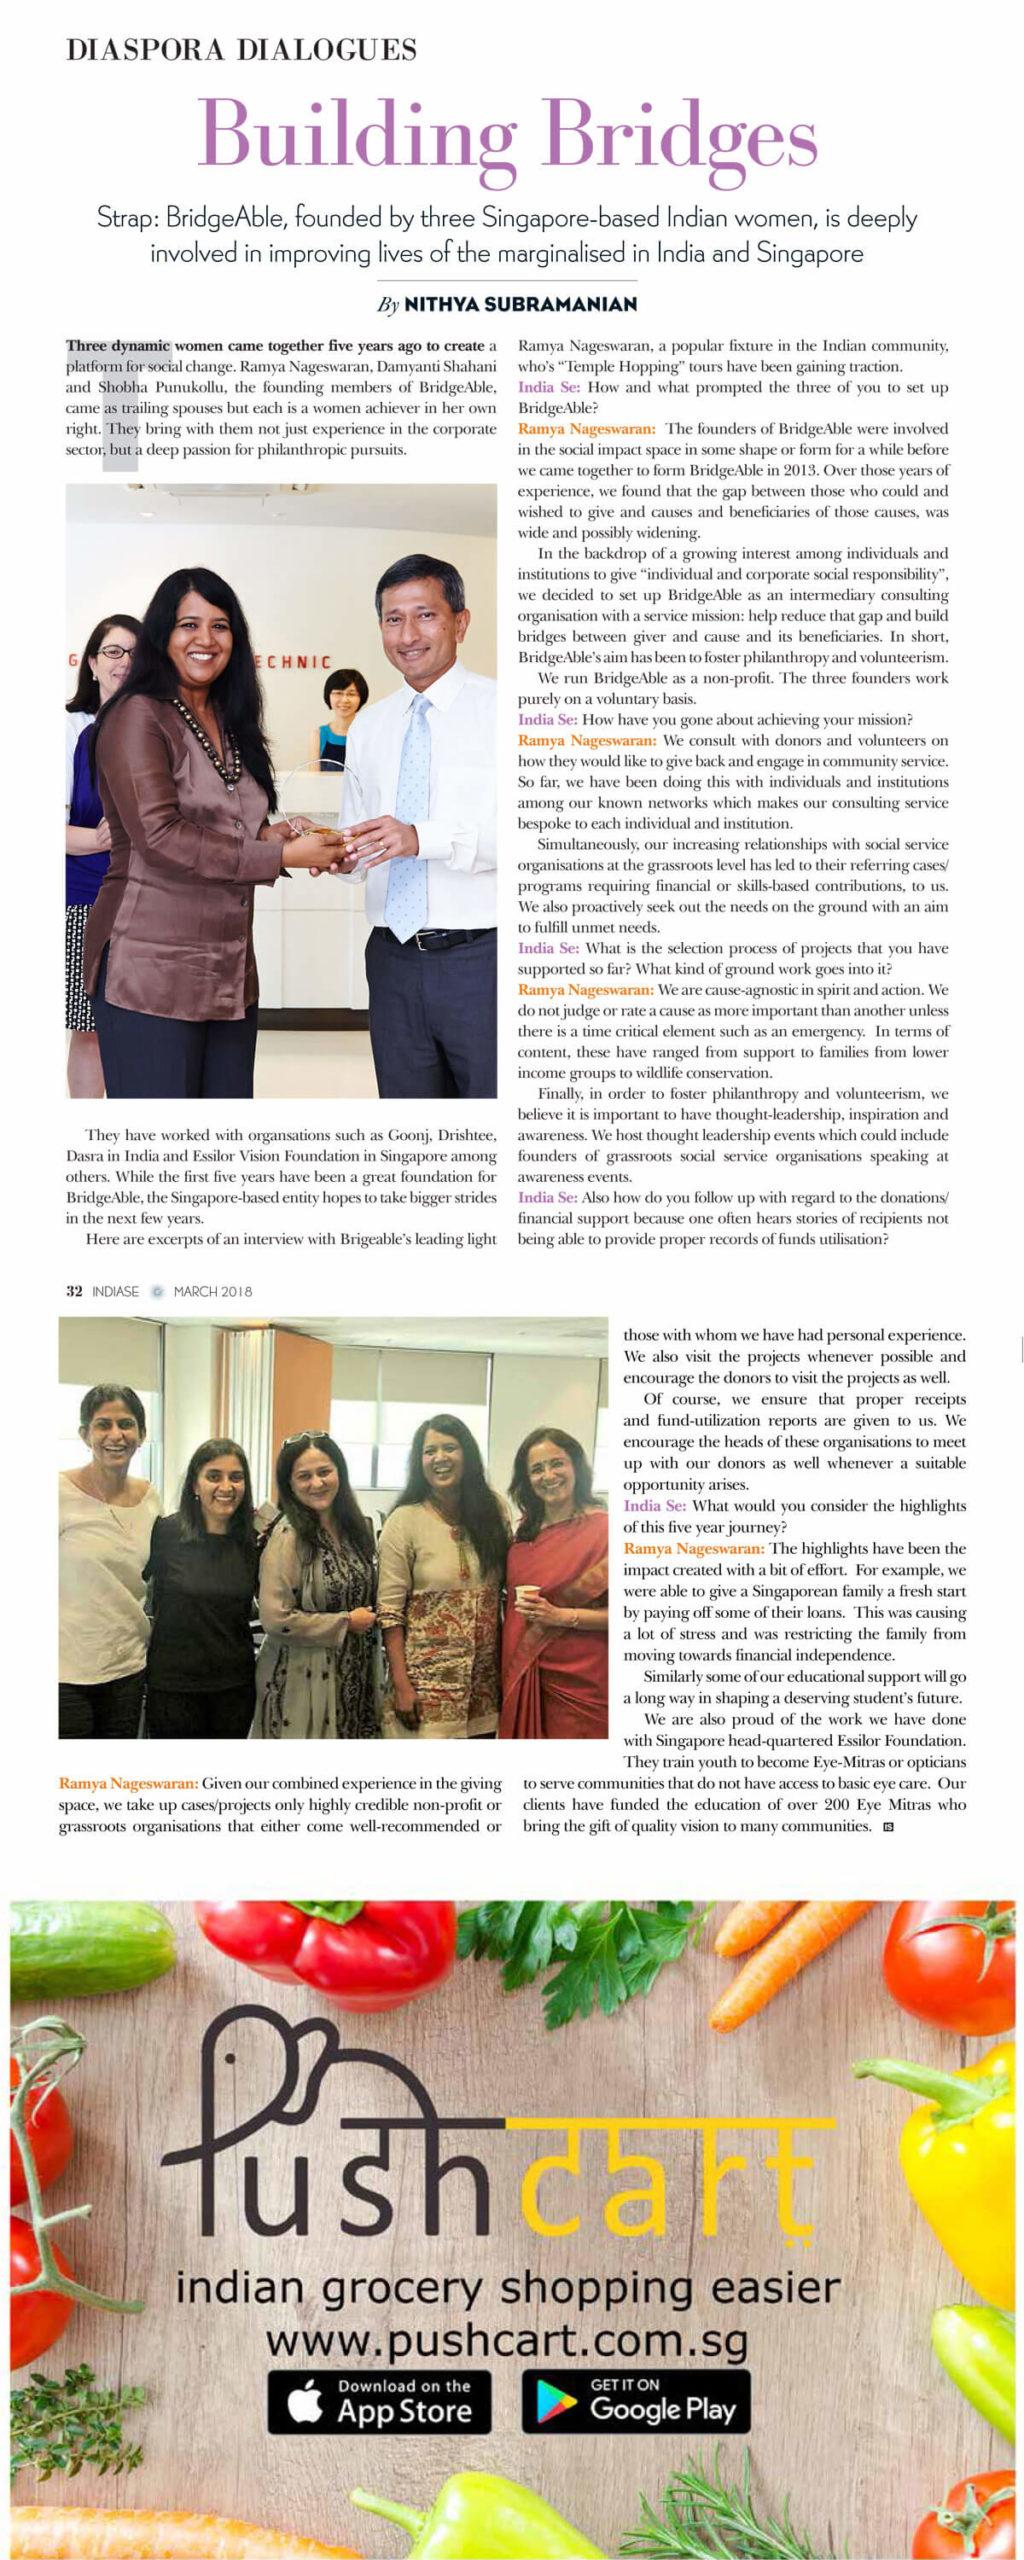 INDIA SE - Magazine, Building Bridges